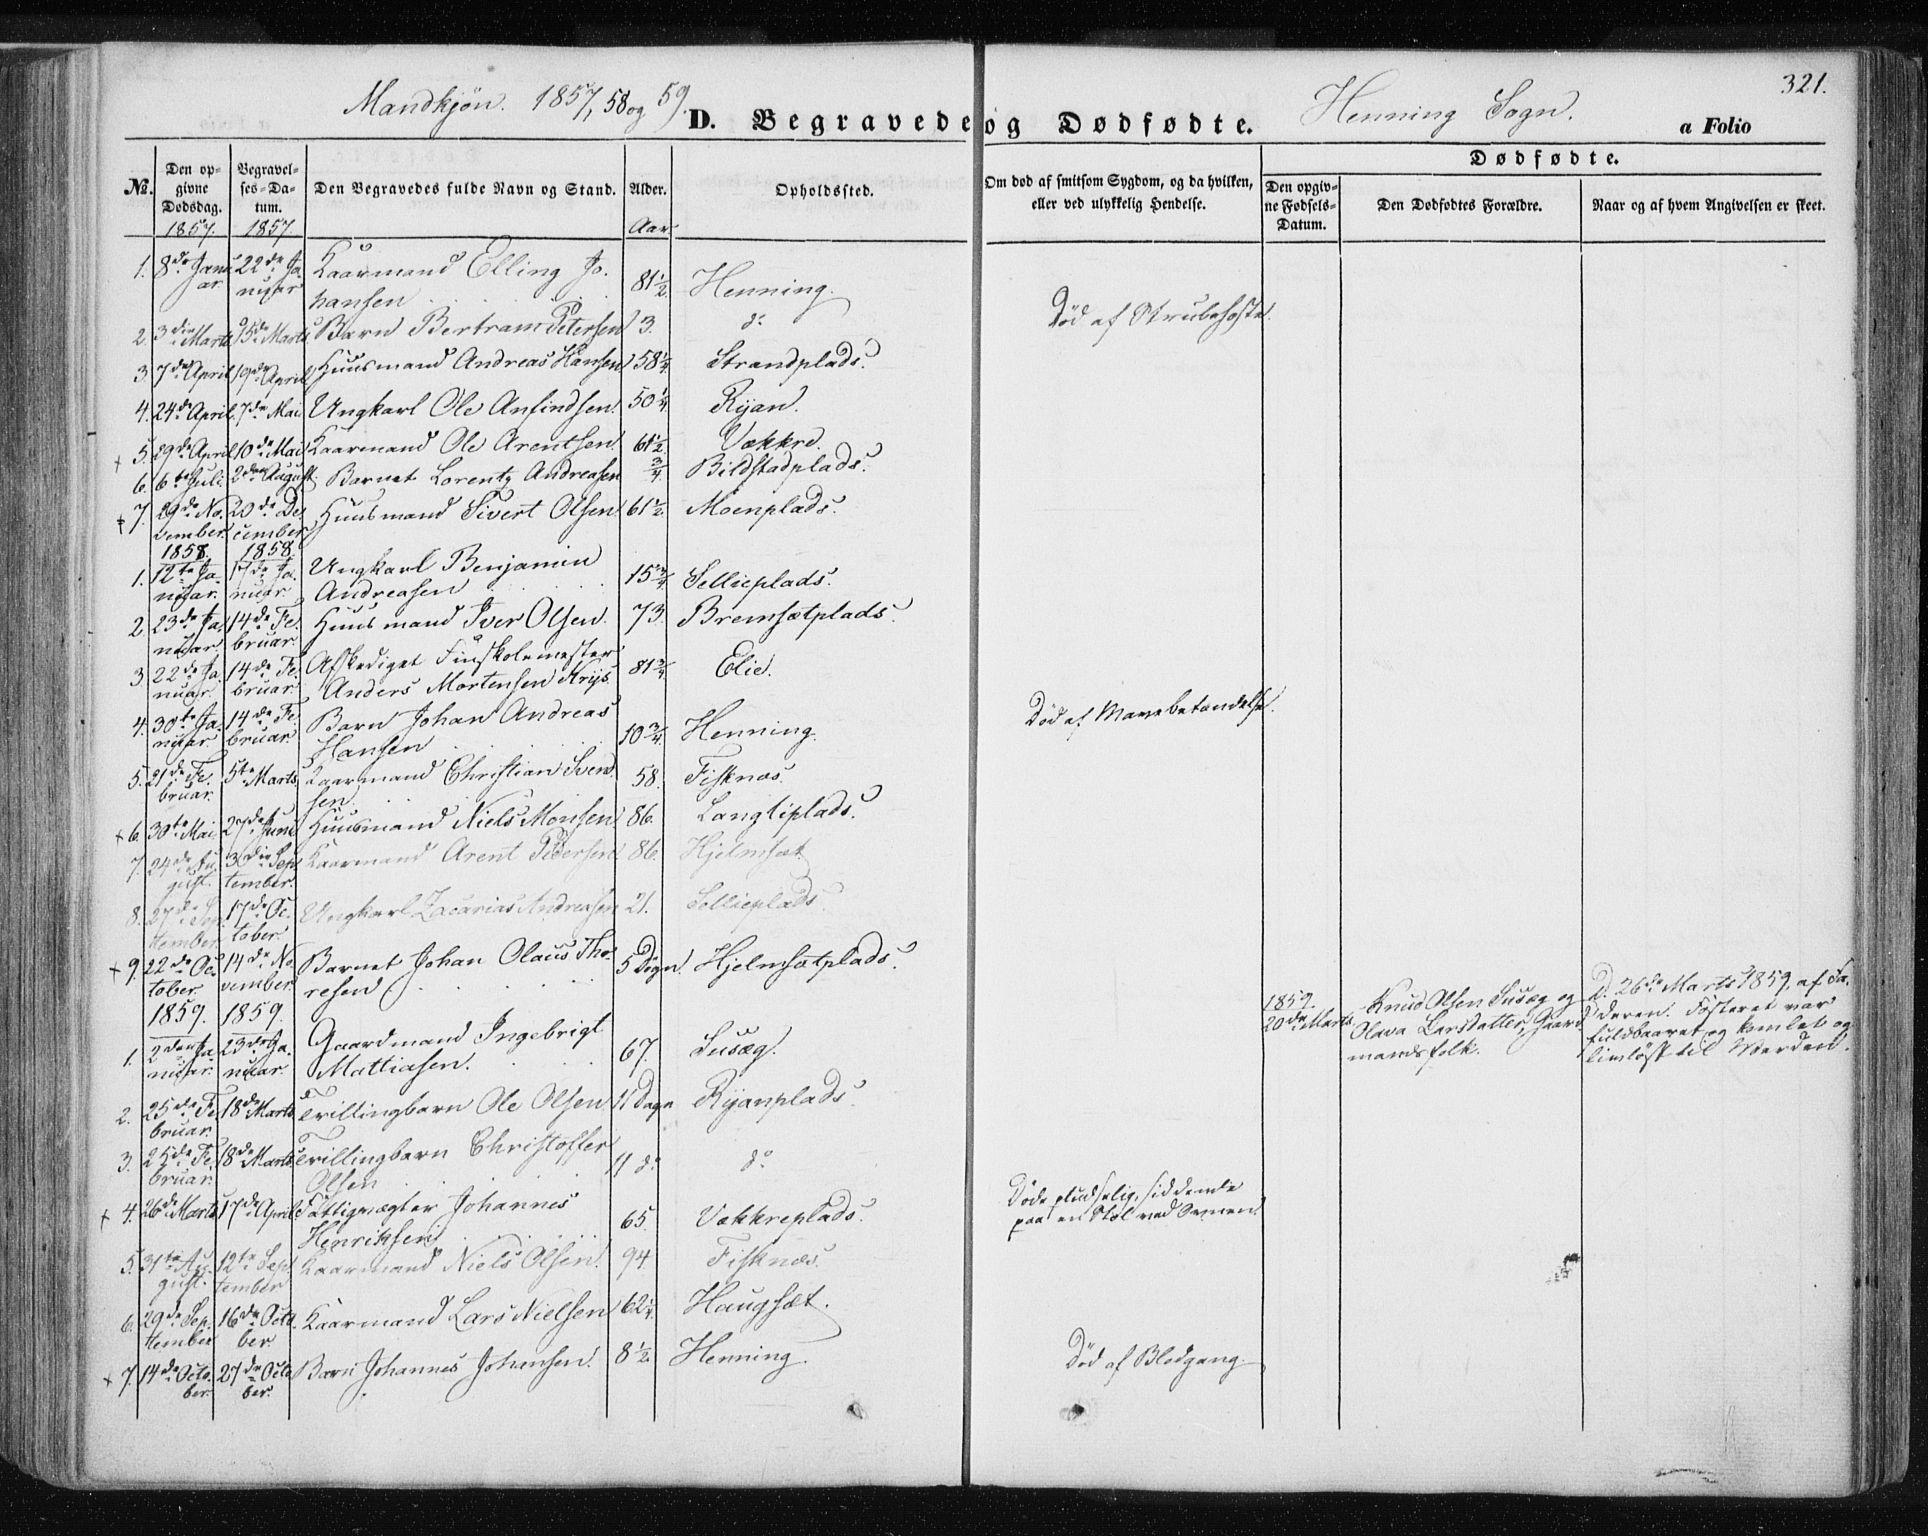 SAT, Ministerialprotokoller, klokkerbøker og fødselsregistre - Nord-Trøndelag, 735/L0342: Ministerialbok nr. 735A07 /3, 1849-1862, s. 321